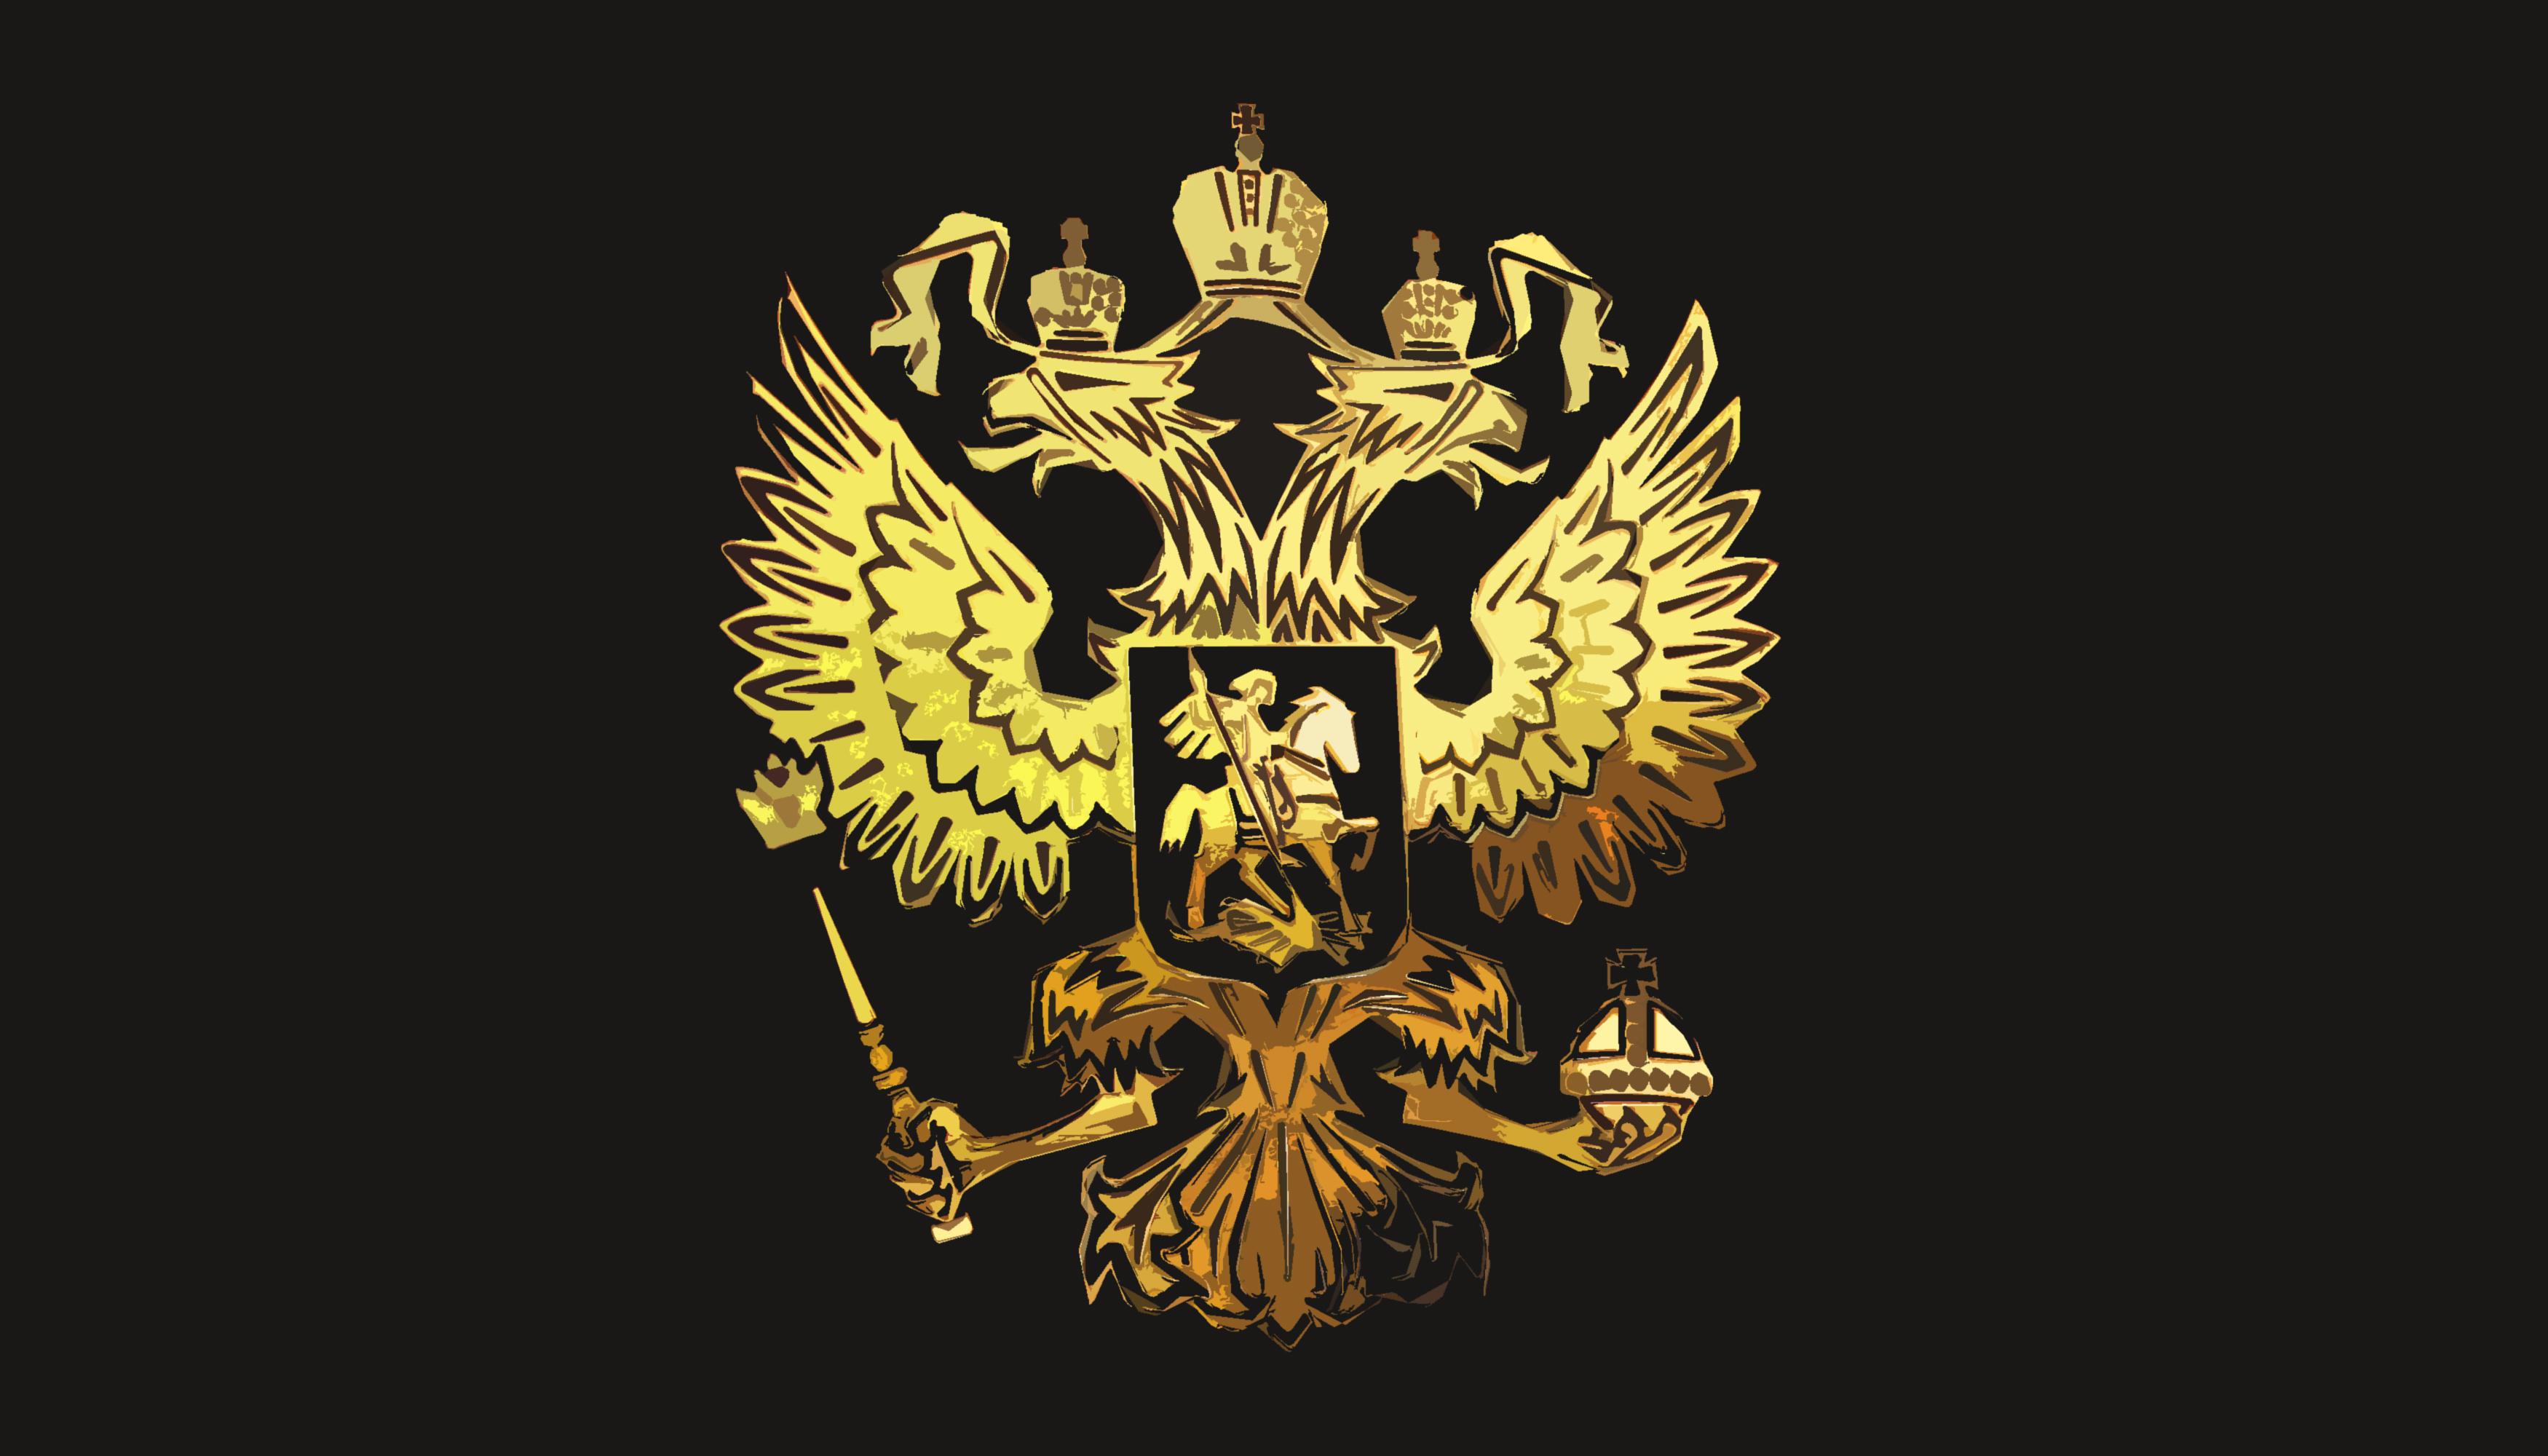 скачать обои на рабочий стол герб россии бесплатно 1366х768 № 170837 без смс